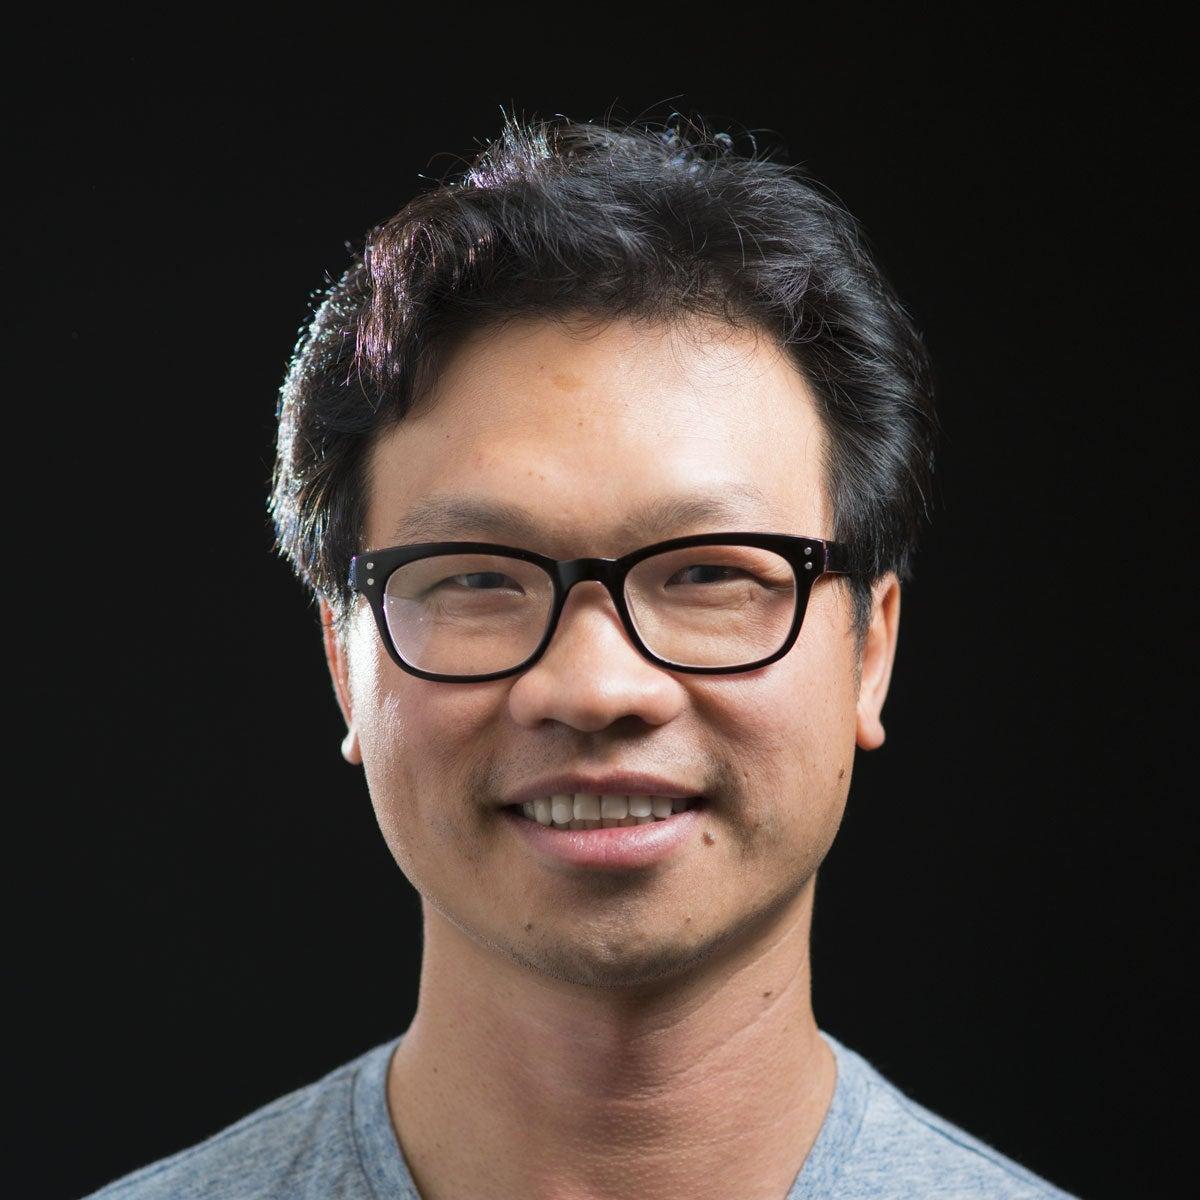 Zhuo Huang